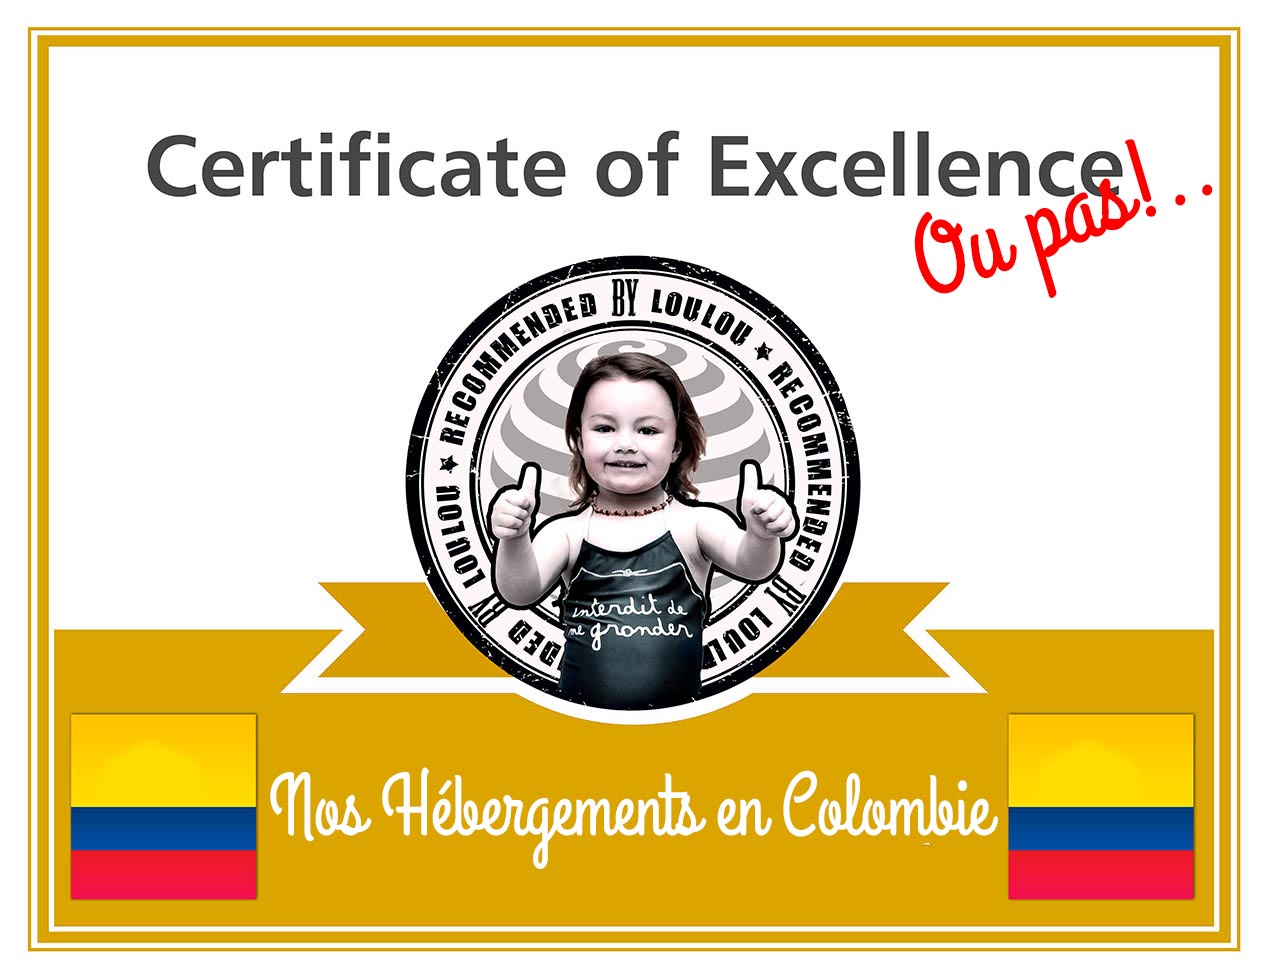 Notre Trip Advisor en Colombie